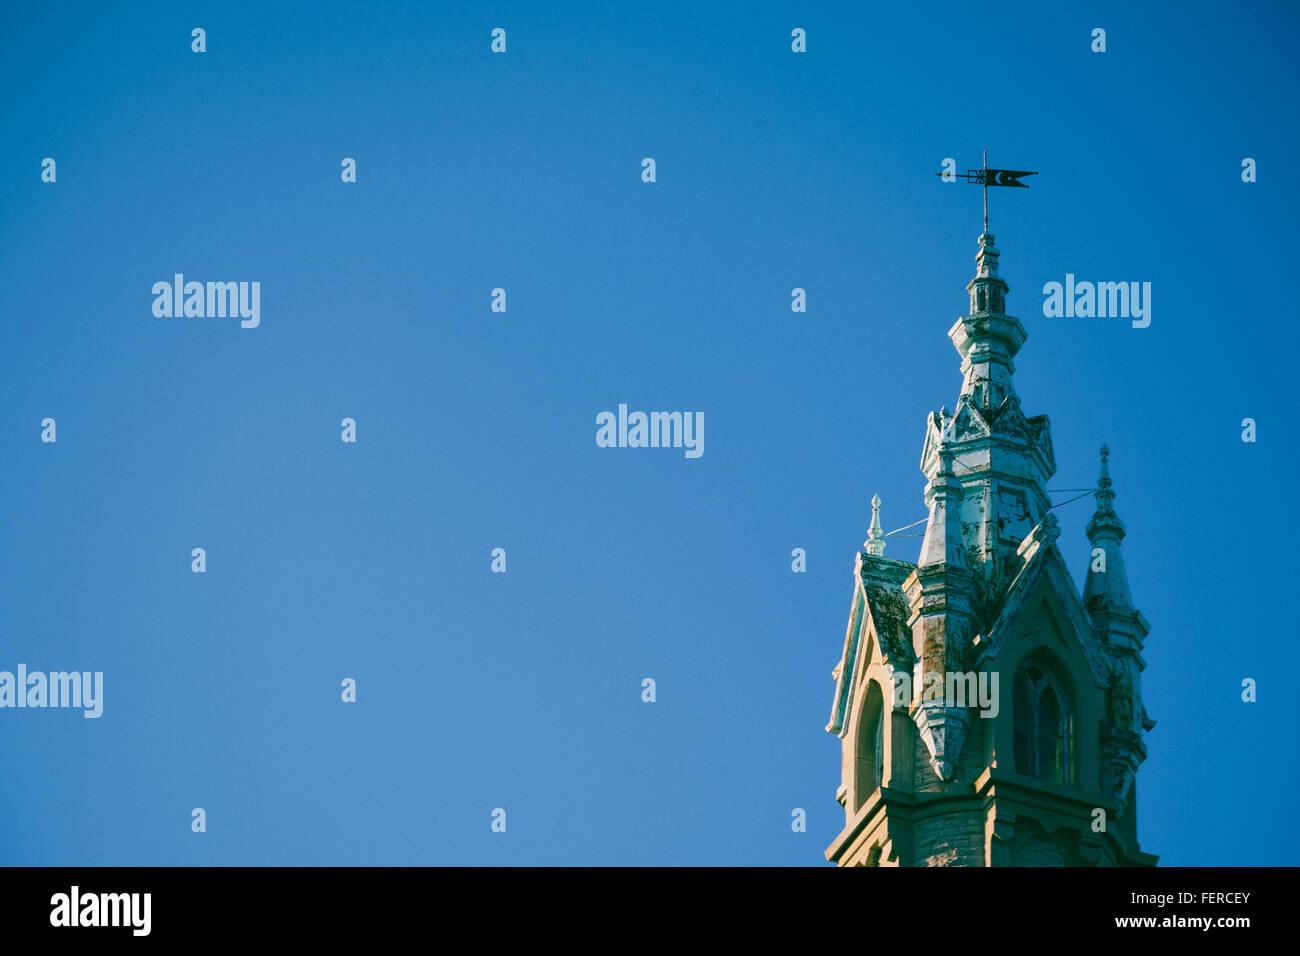 Niedrigen Winkel Blick auf historische Gebäude mit pakistanischen Flagge gegen blauen Himmel Stockbild